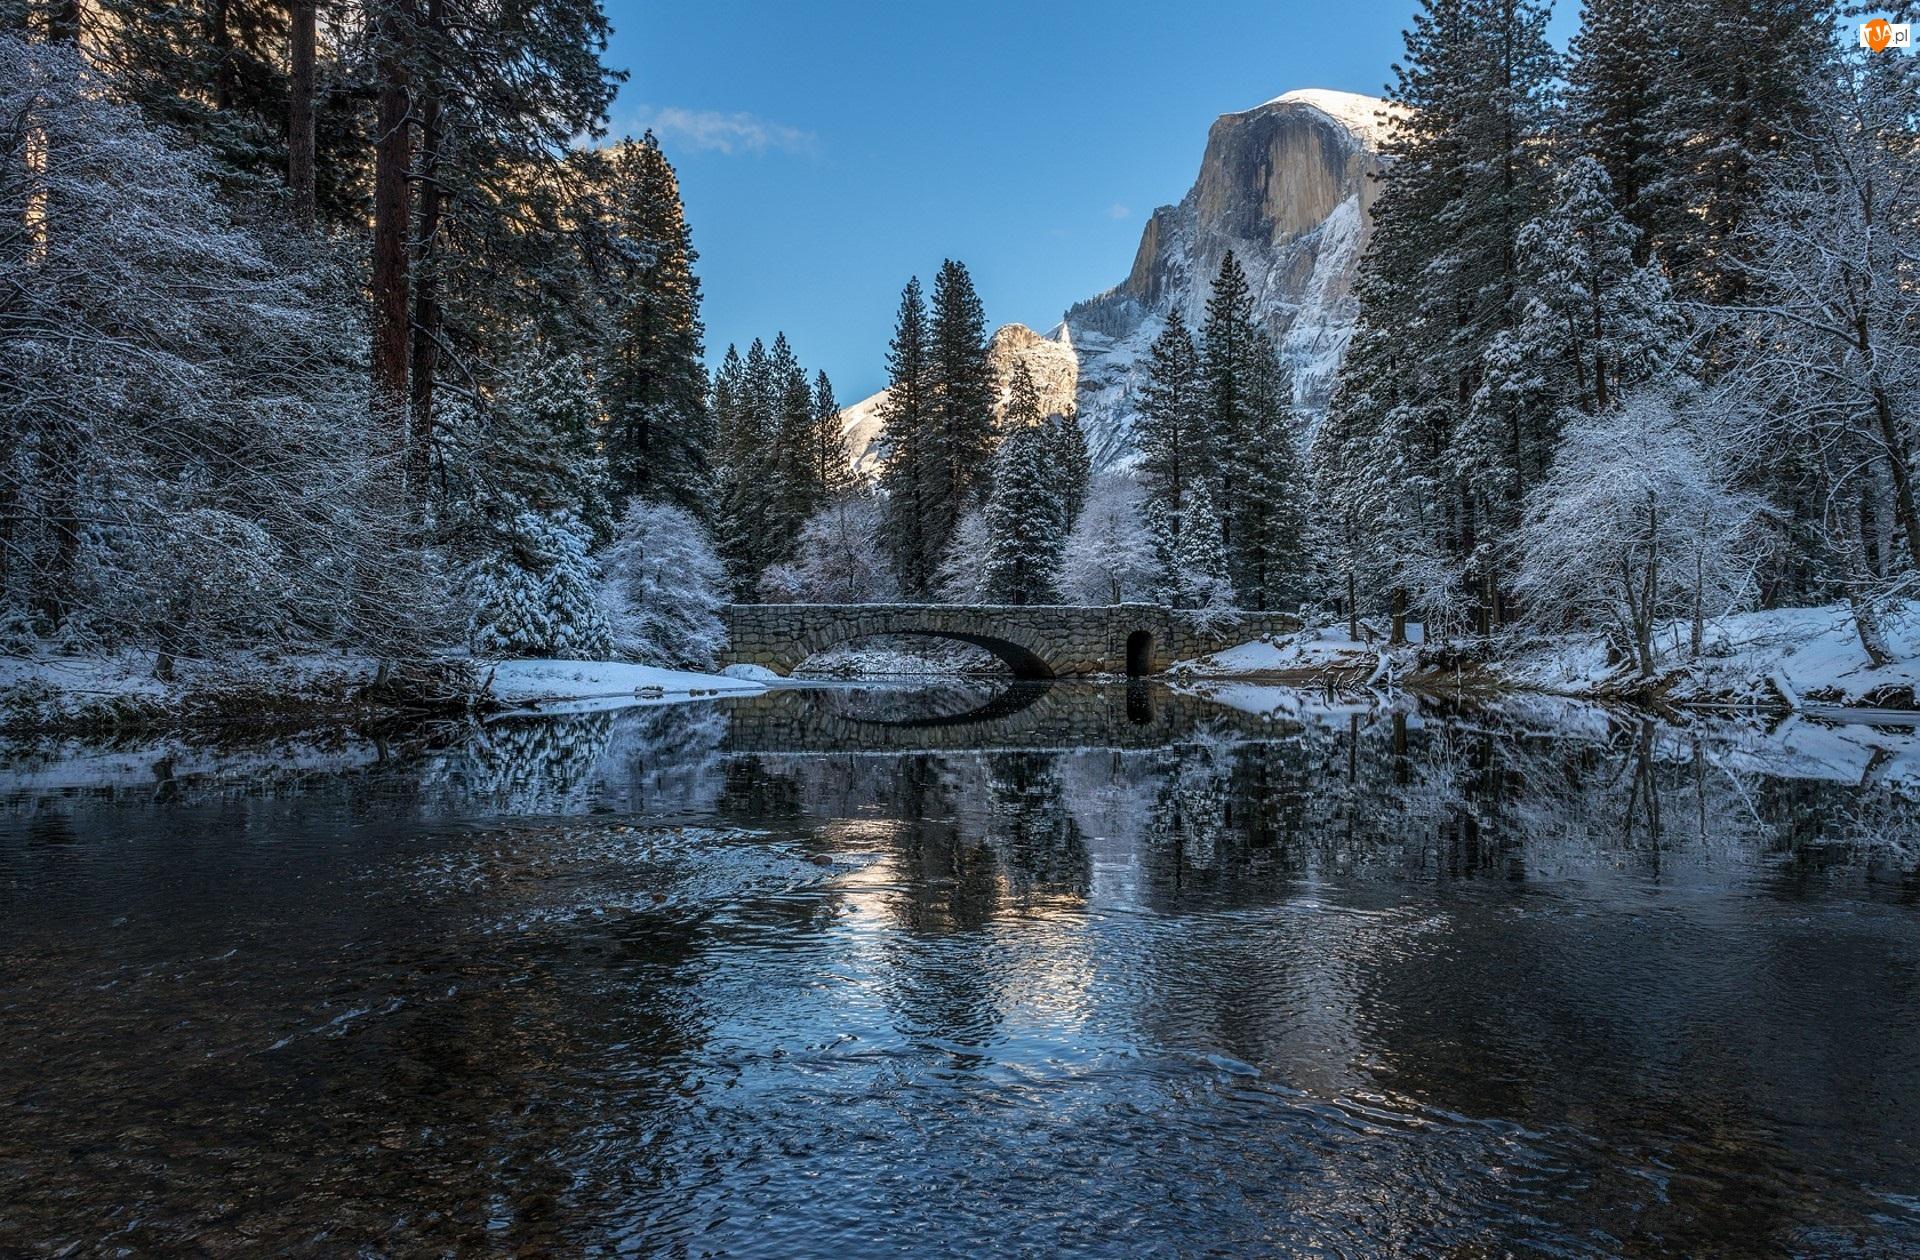 Stany Zjednoczone, Zima, Stan Kalifornia, Most, Drzewa, Góry, Szczyt El Capitan, Park Narodowy Yosemite, Rzeka Merced River